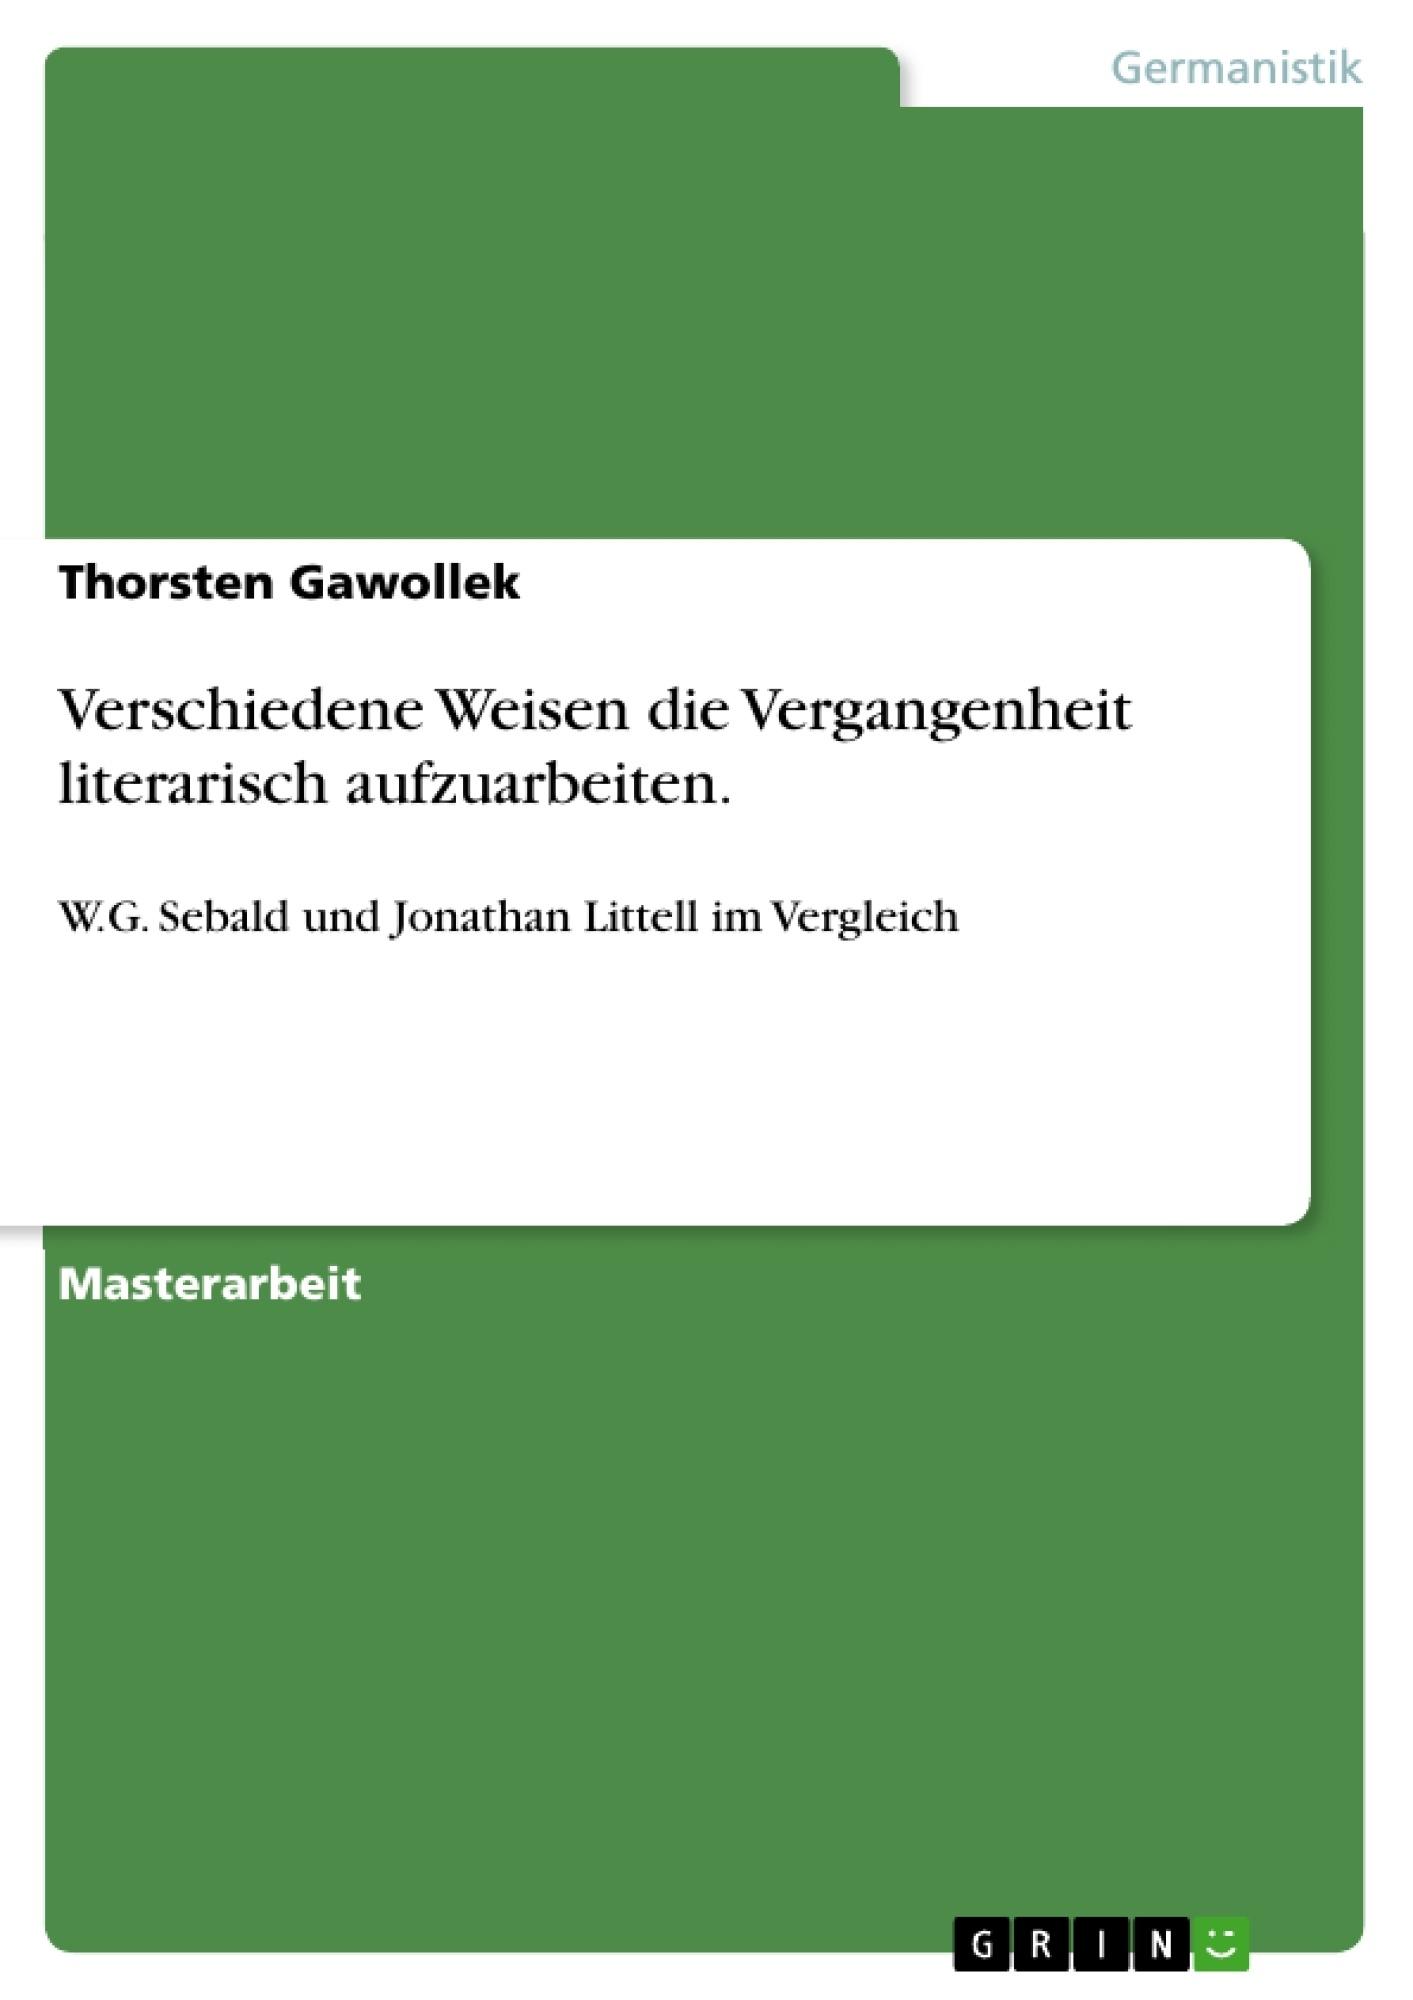 Titel: Verschiedene Weisen die Vergangenheit  literarisch aufzuarbeiten.